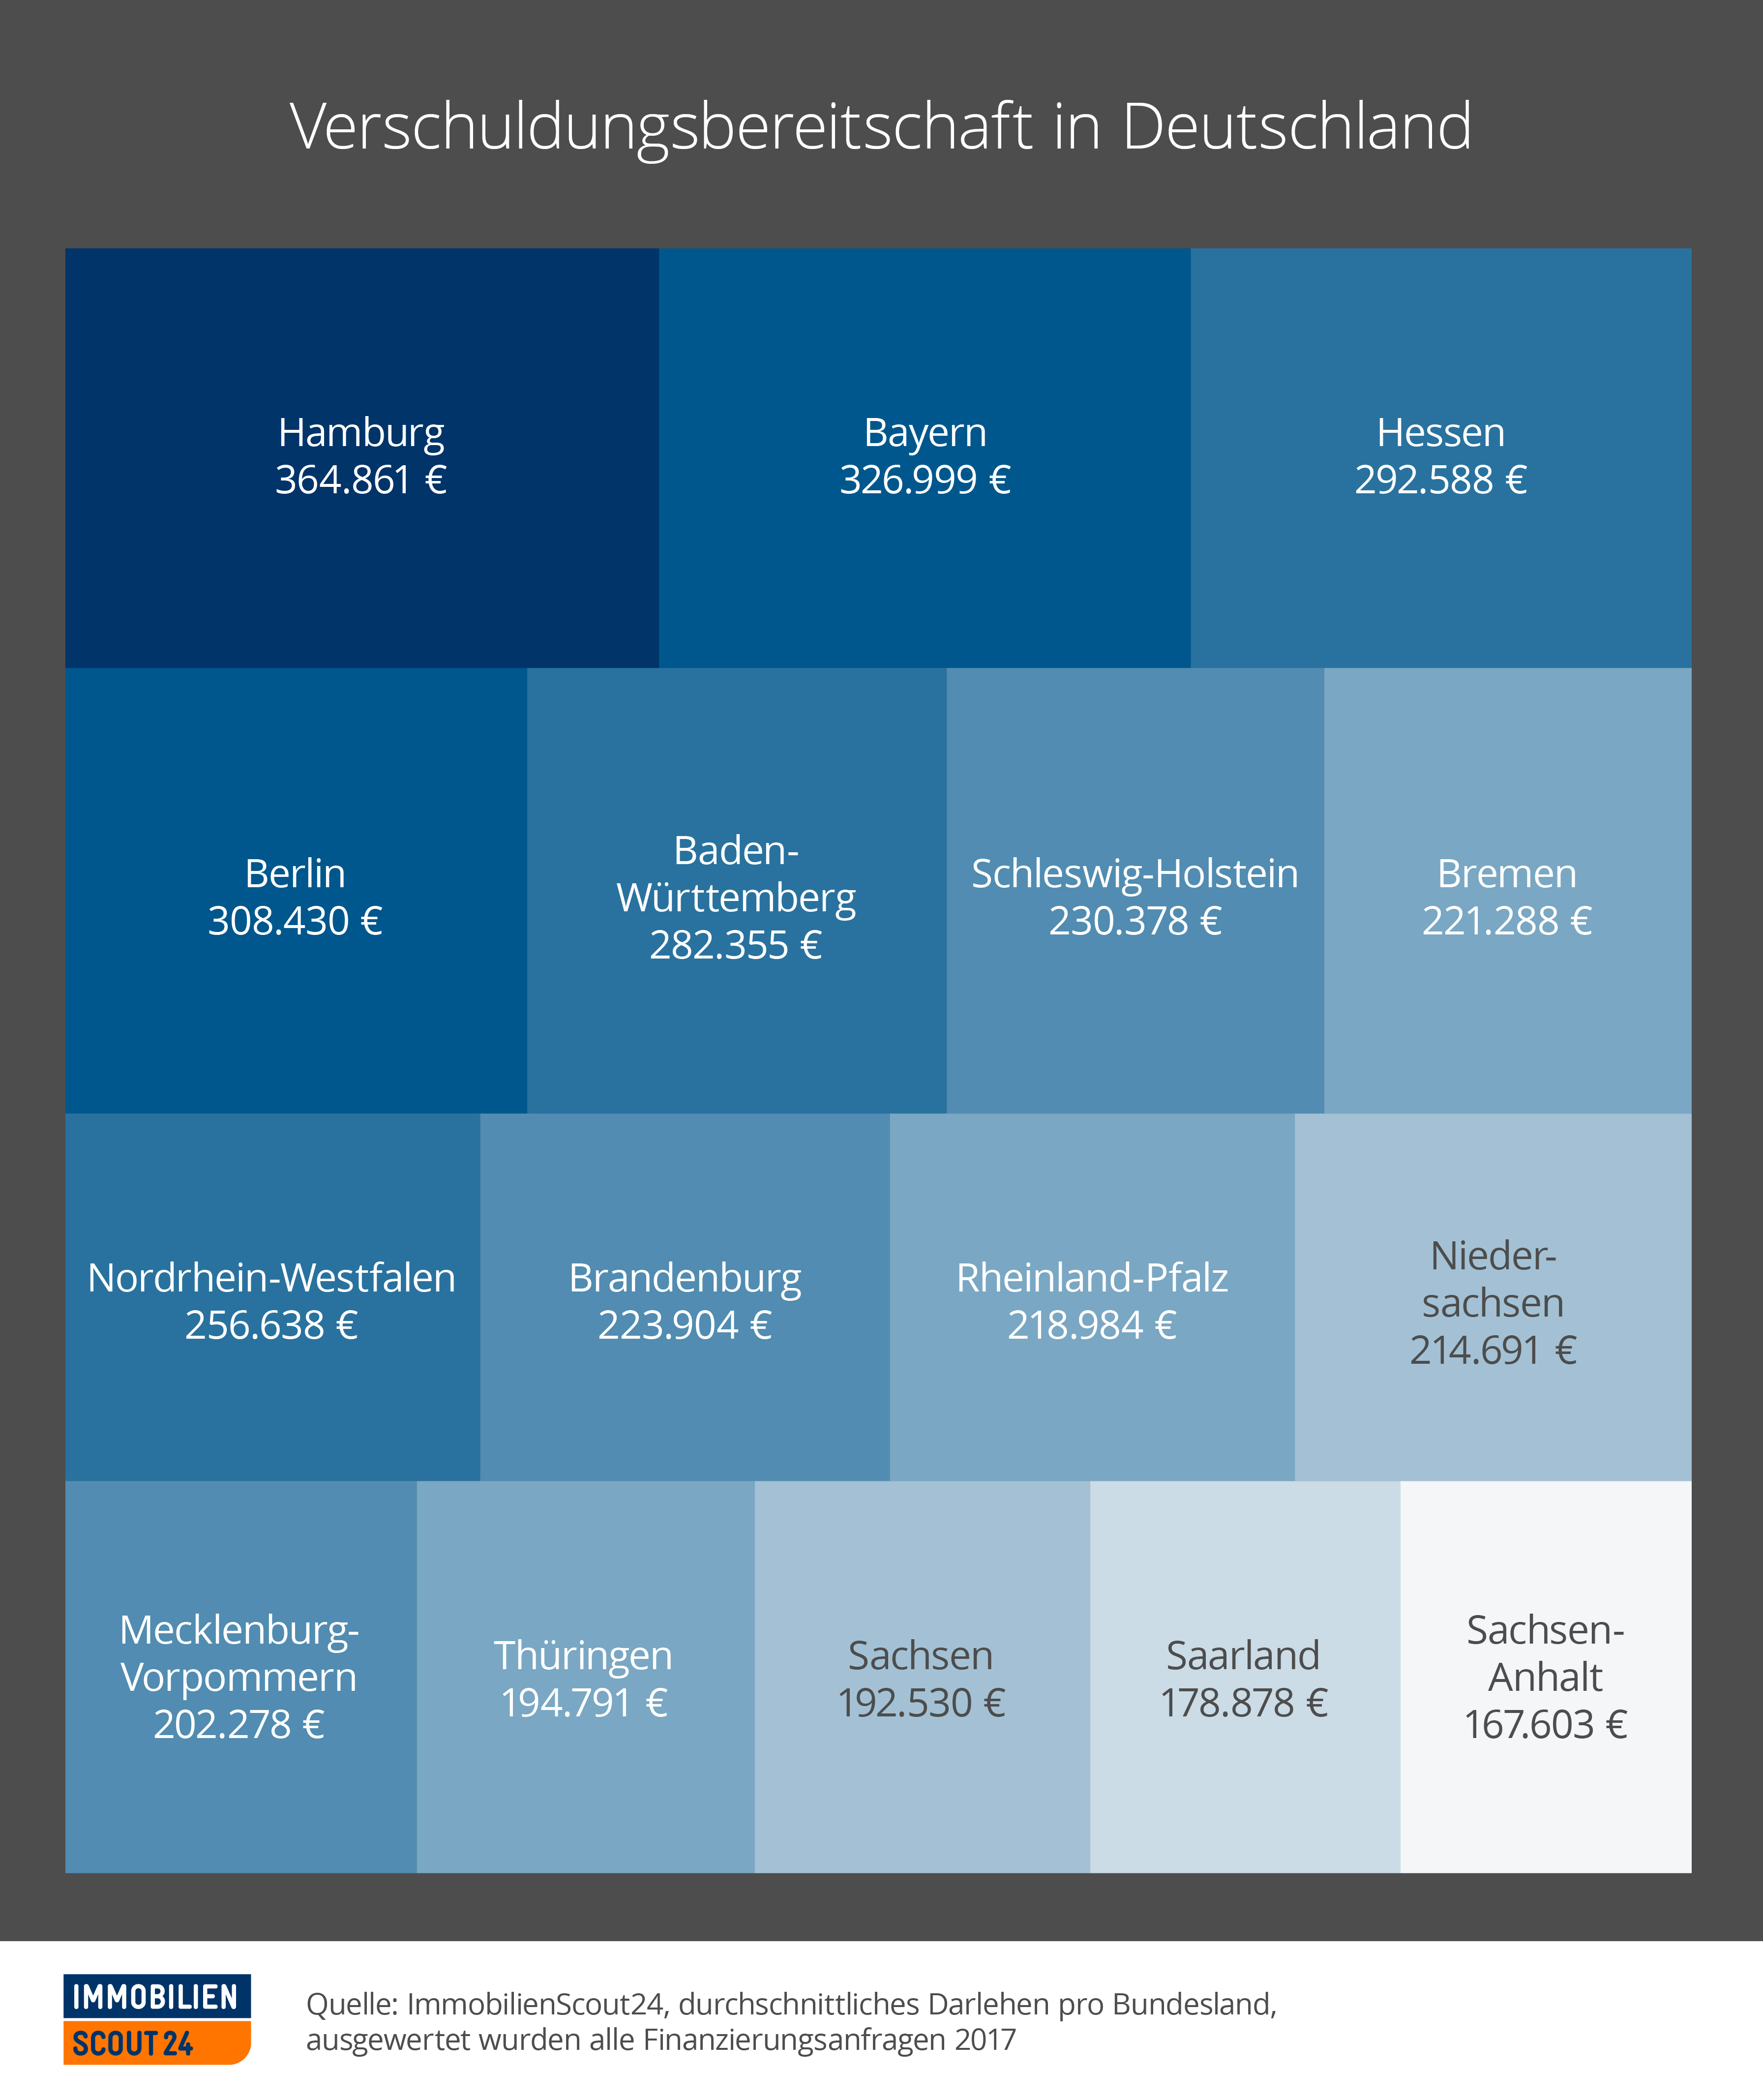 verschuldungsbereitschaft in deutschland die top 10. Black Bedroom Furniture Sets. Home Design Ideas